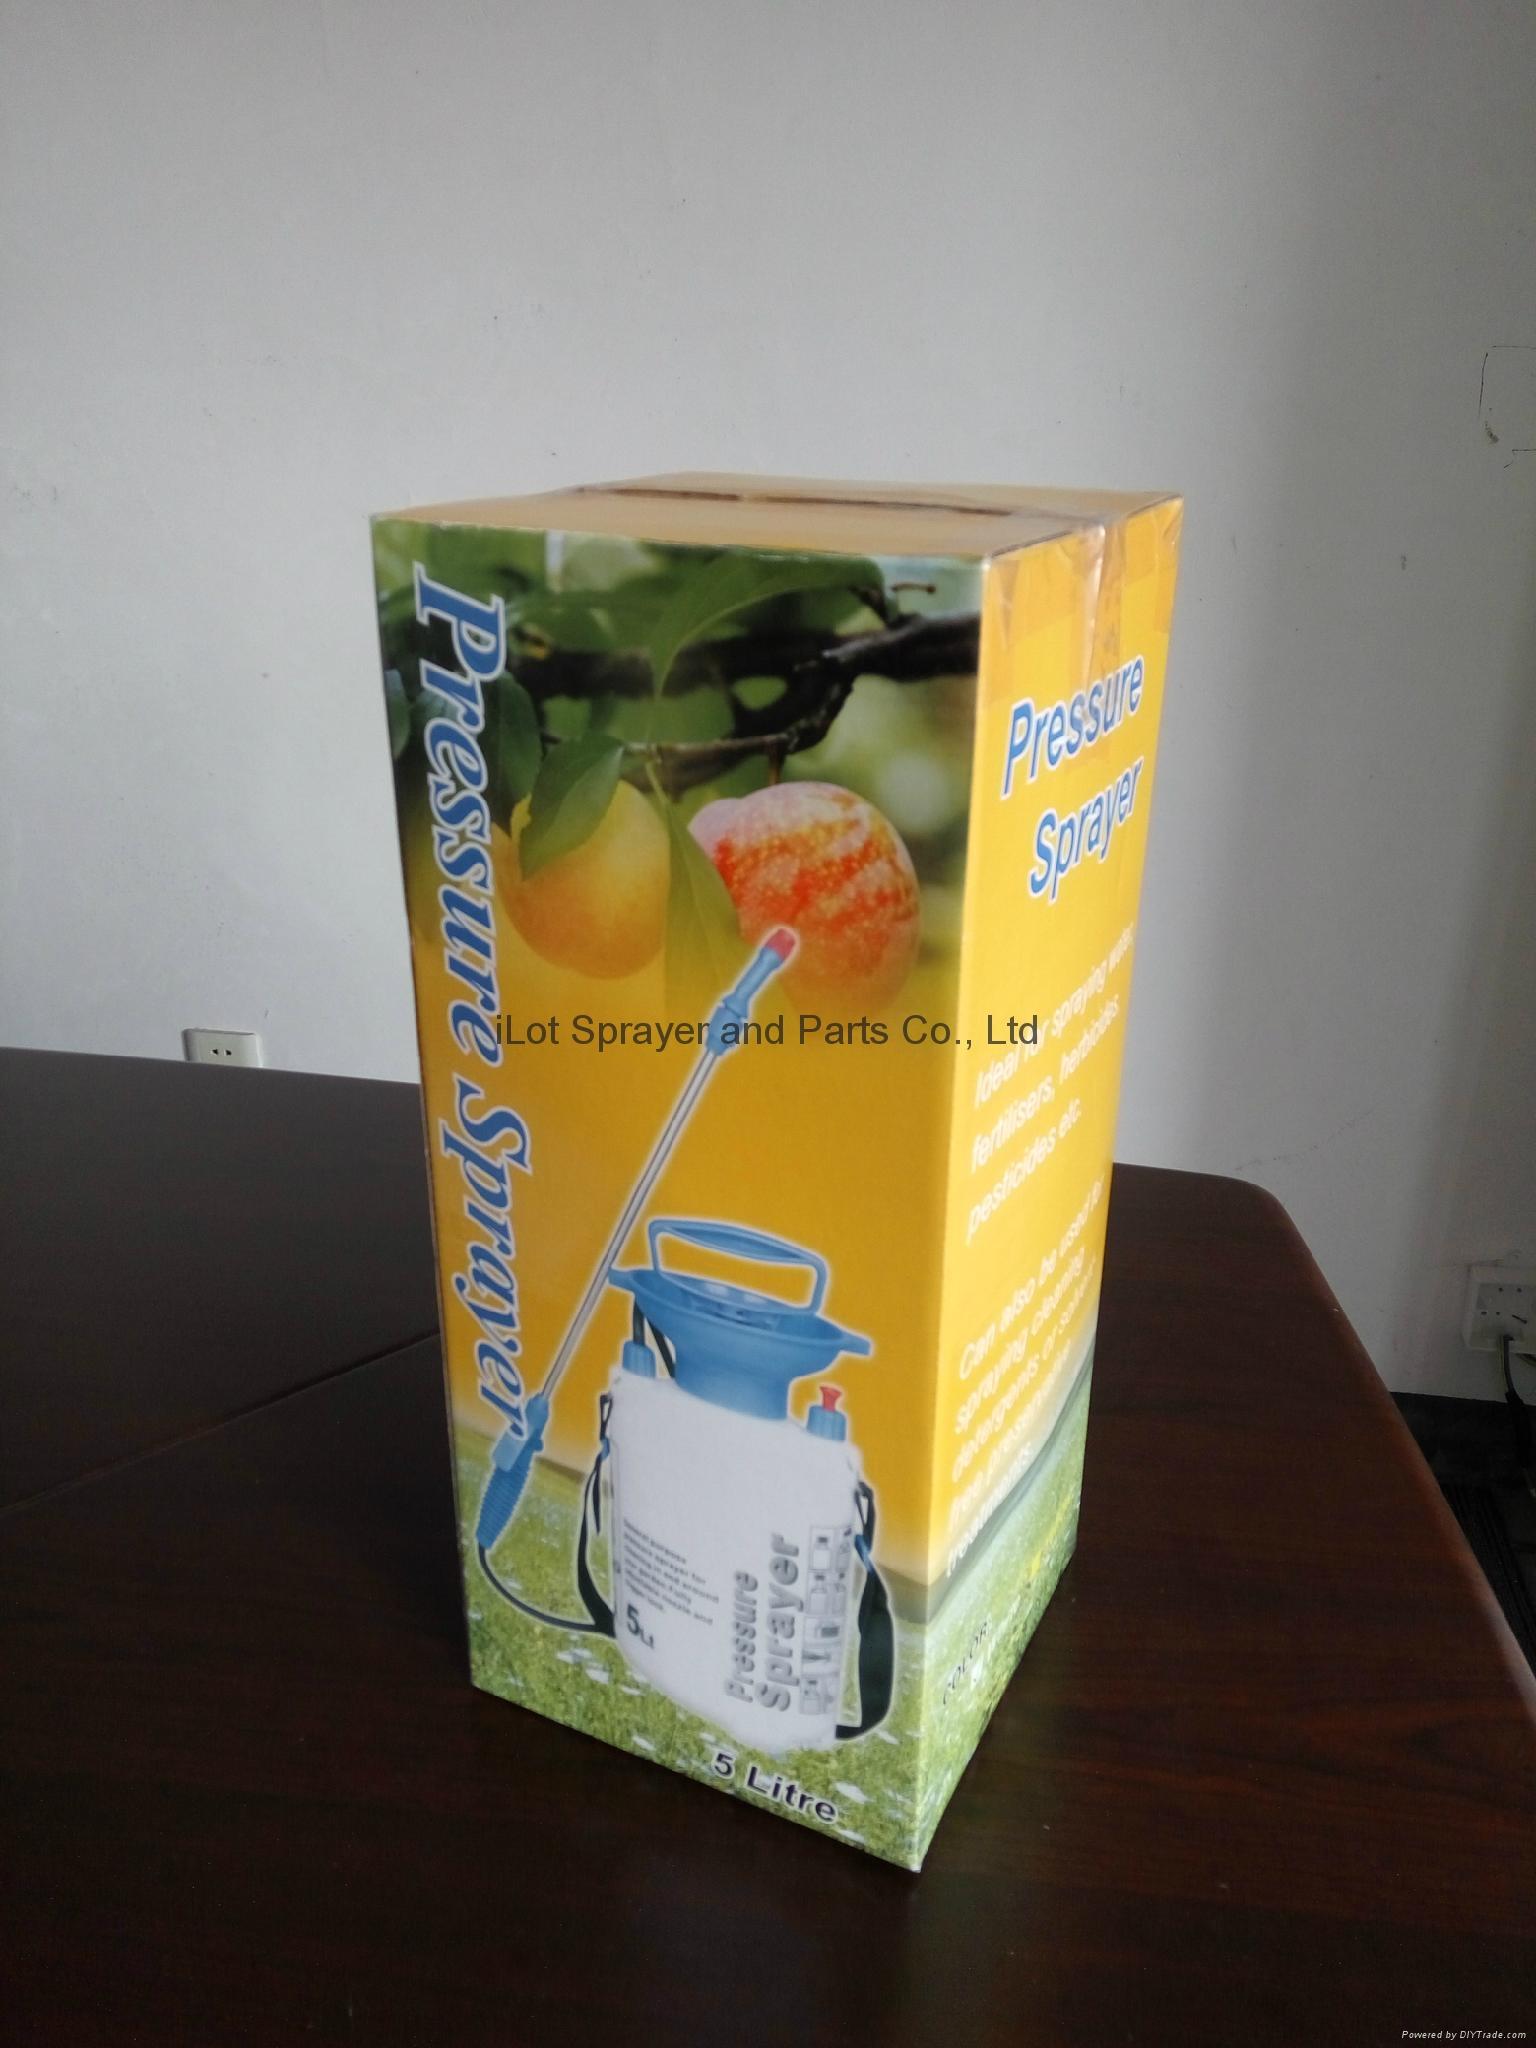 5L Garden Pressure Sprayer with funnel 2